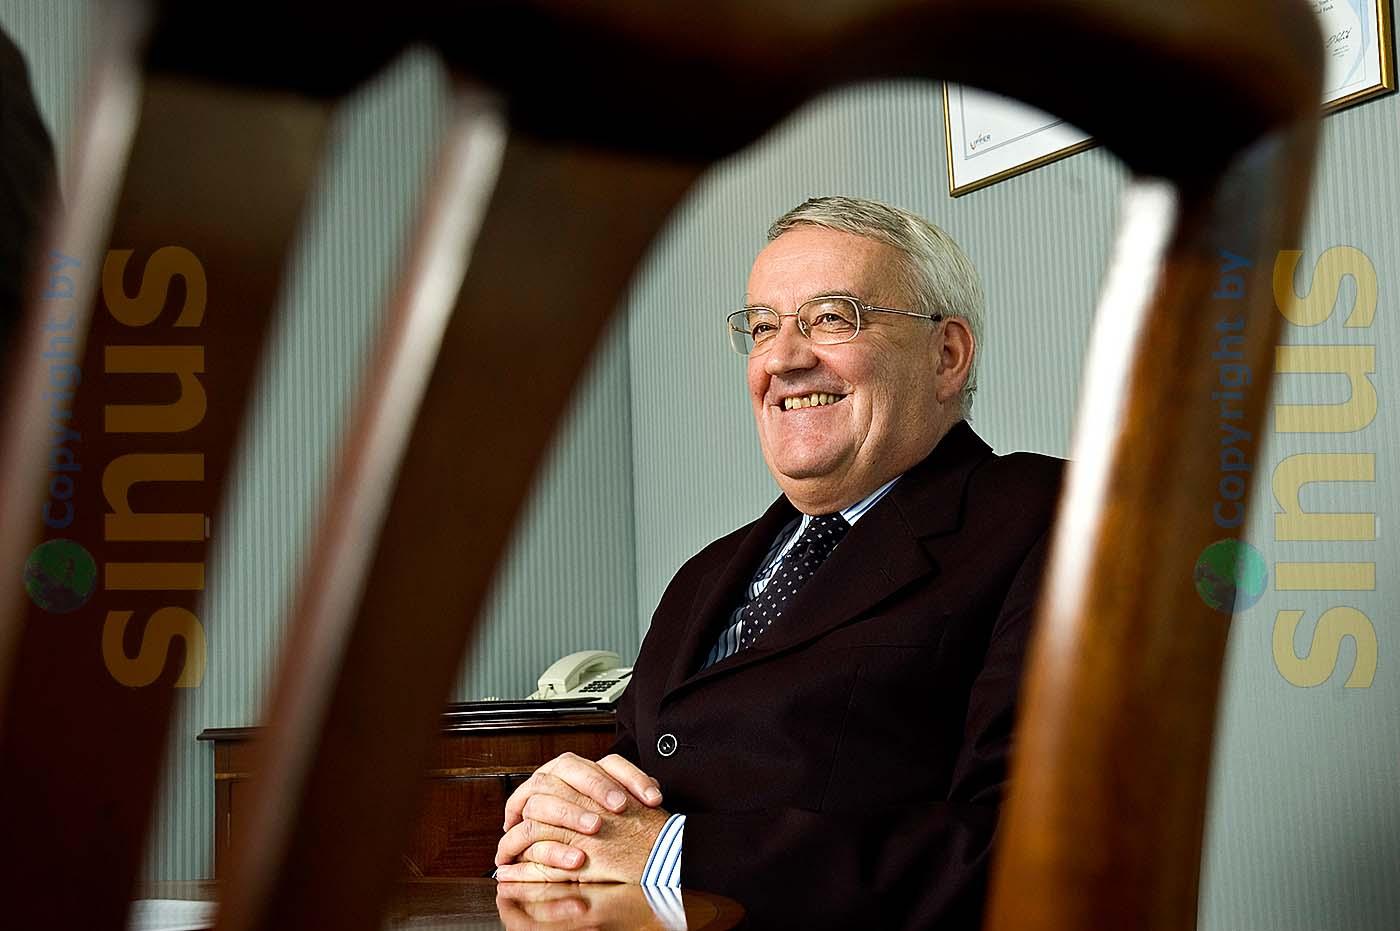 Stalder Bernard F, Clariden Leu (Bank)